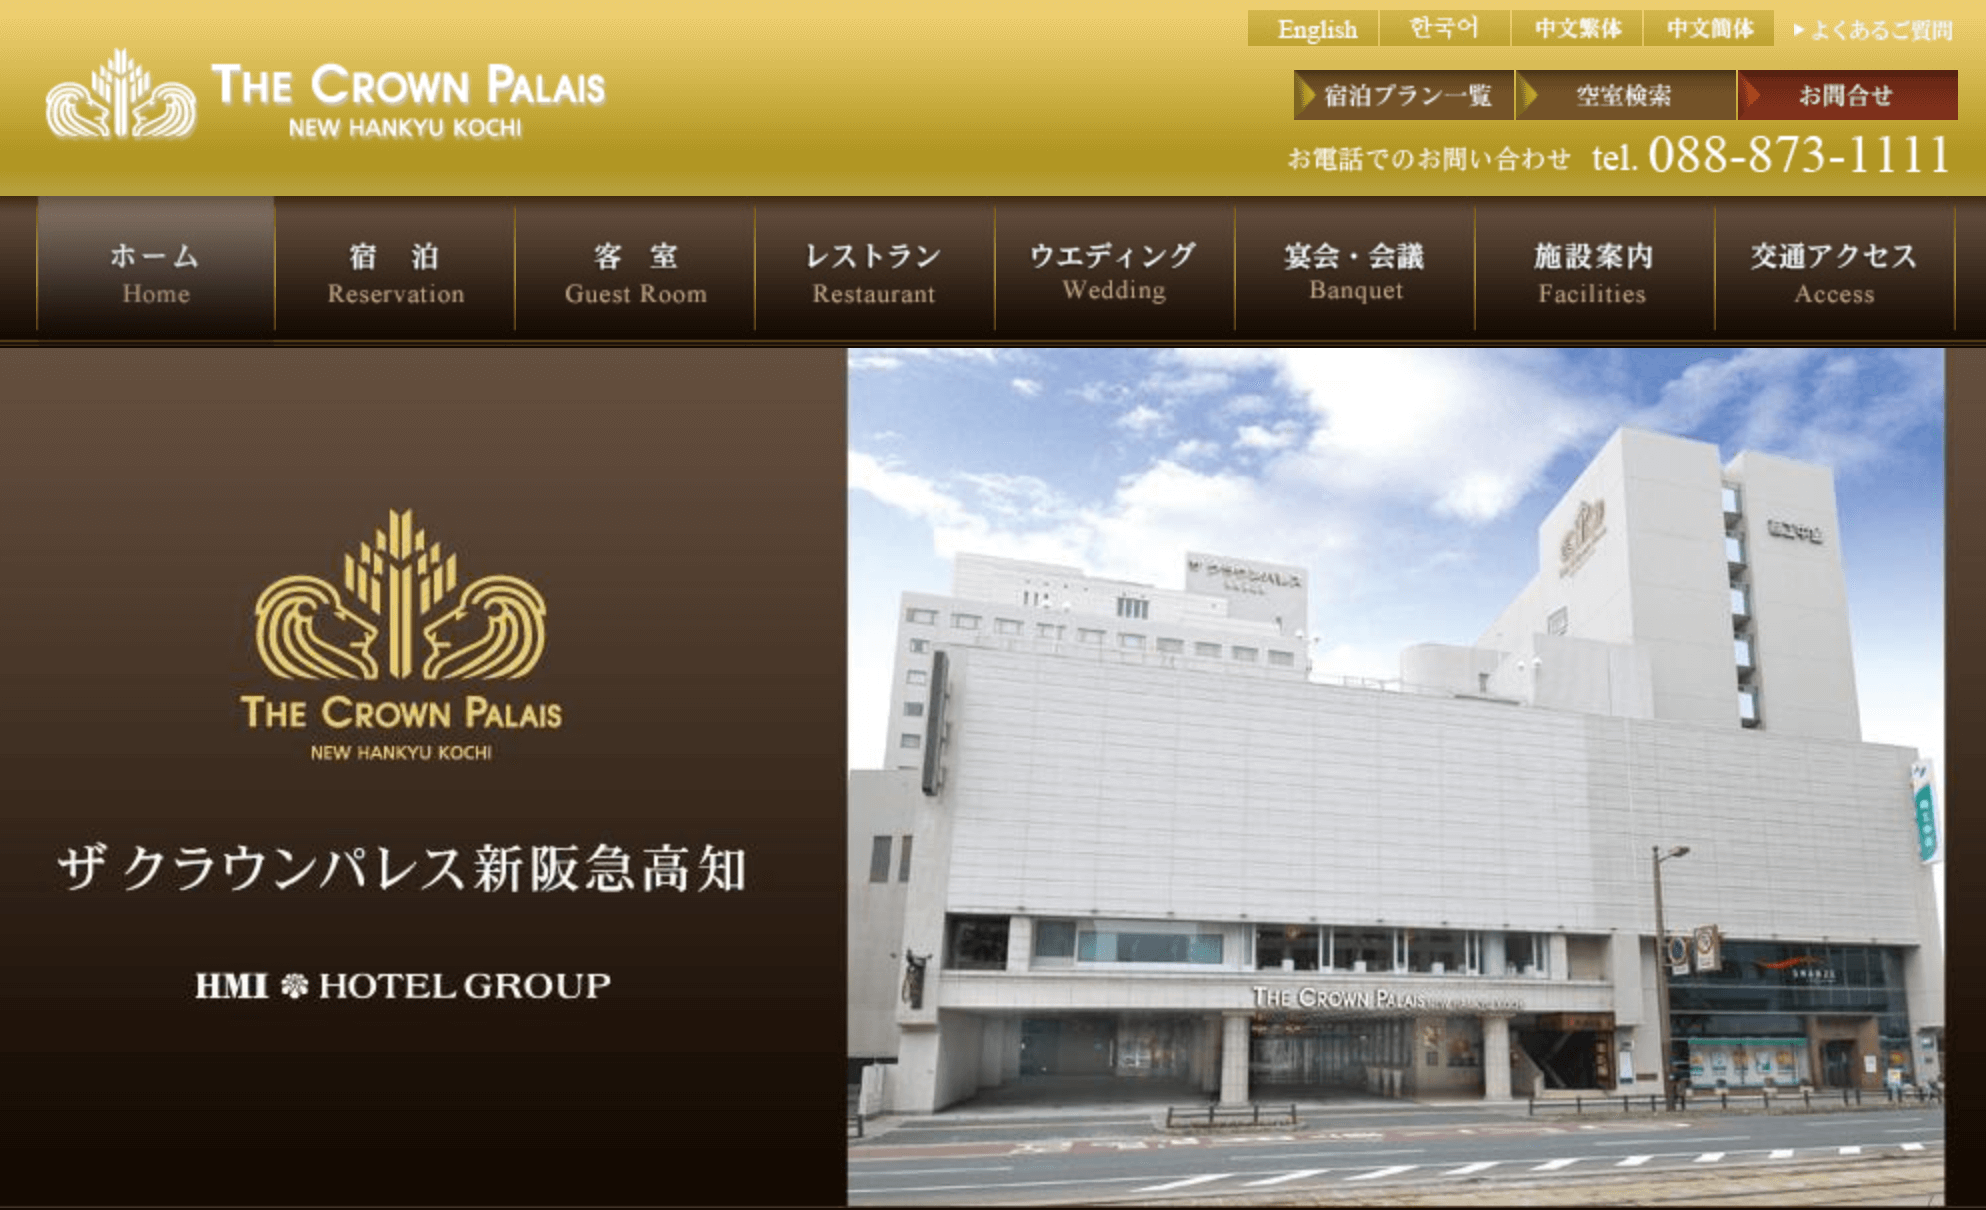 高知でパパ活におすすめなホテル「ザ クラウンパレス新阪急高知」